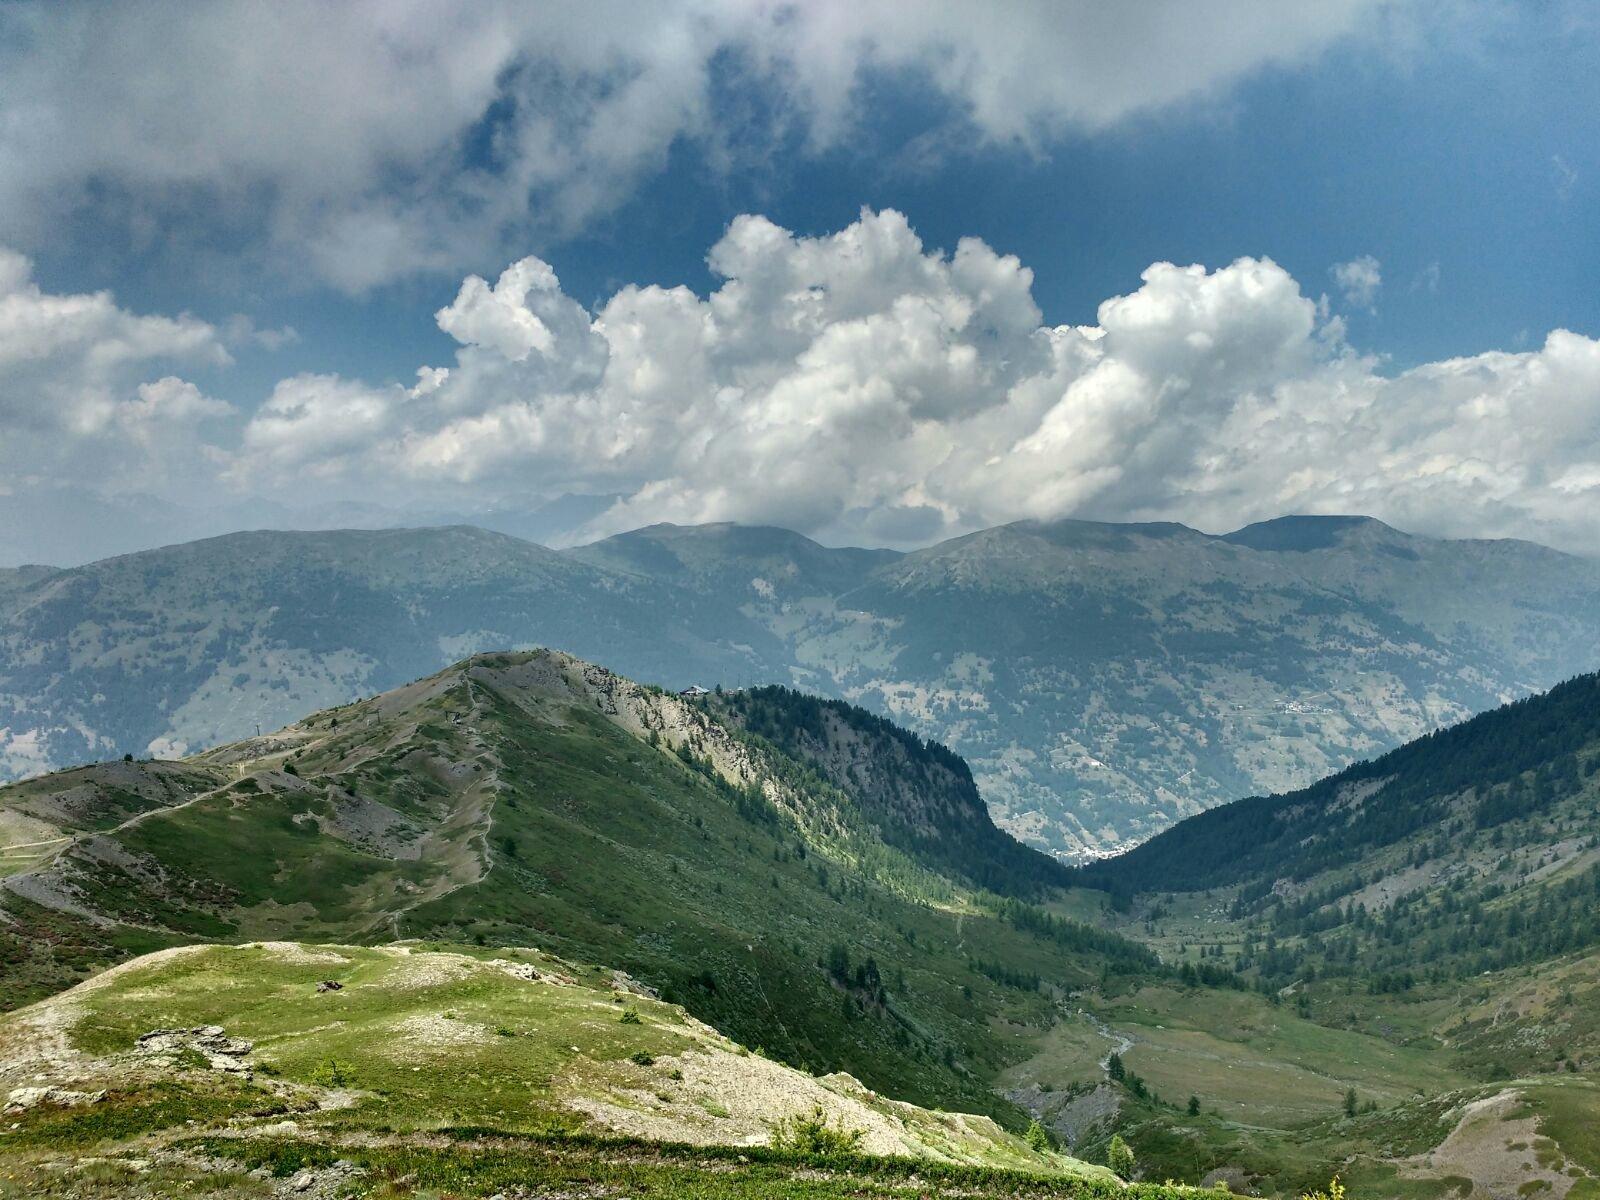 Albergian (Colle dell')da Laux, giro Val Troncea - Val Chisone per il Colle del Pis 2016-07-10